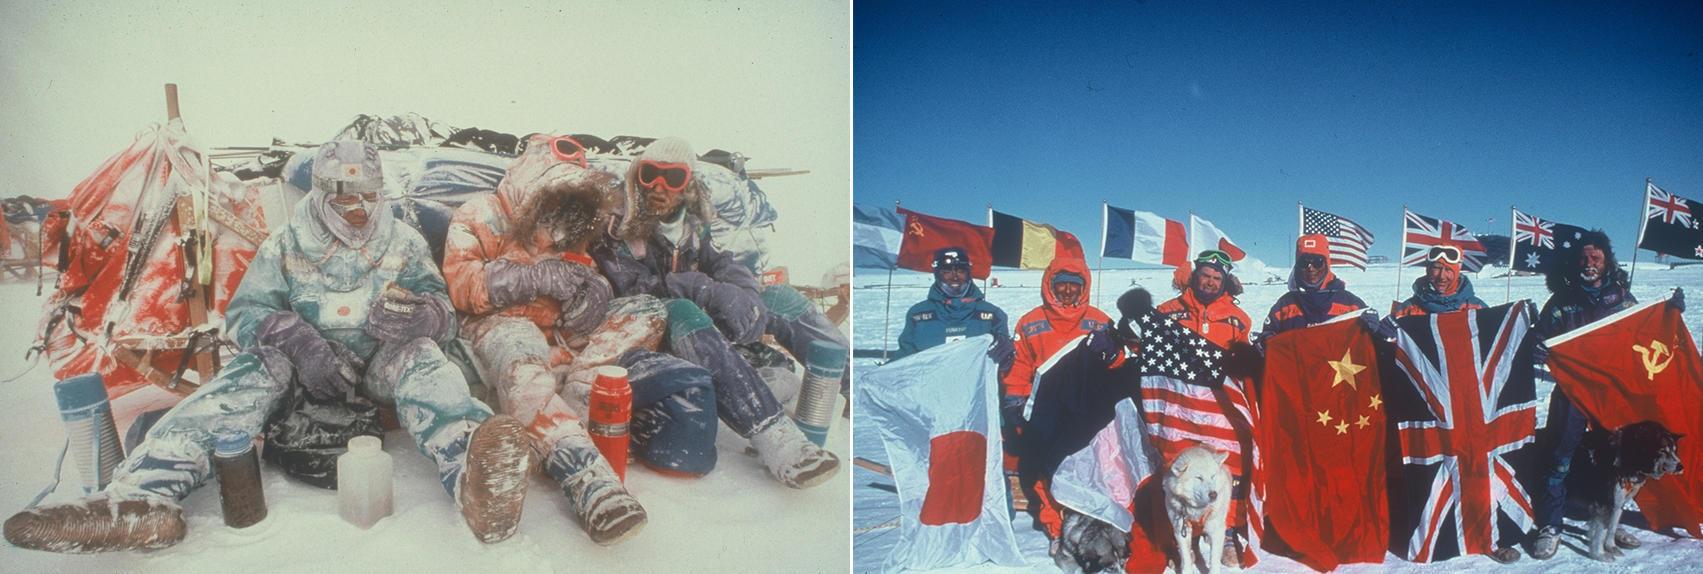 南極犬ぞり横断30周年記念プロジェクト『THINK SOUTH FOR THE NEXT』シンポジウムを開催します。